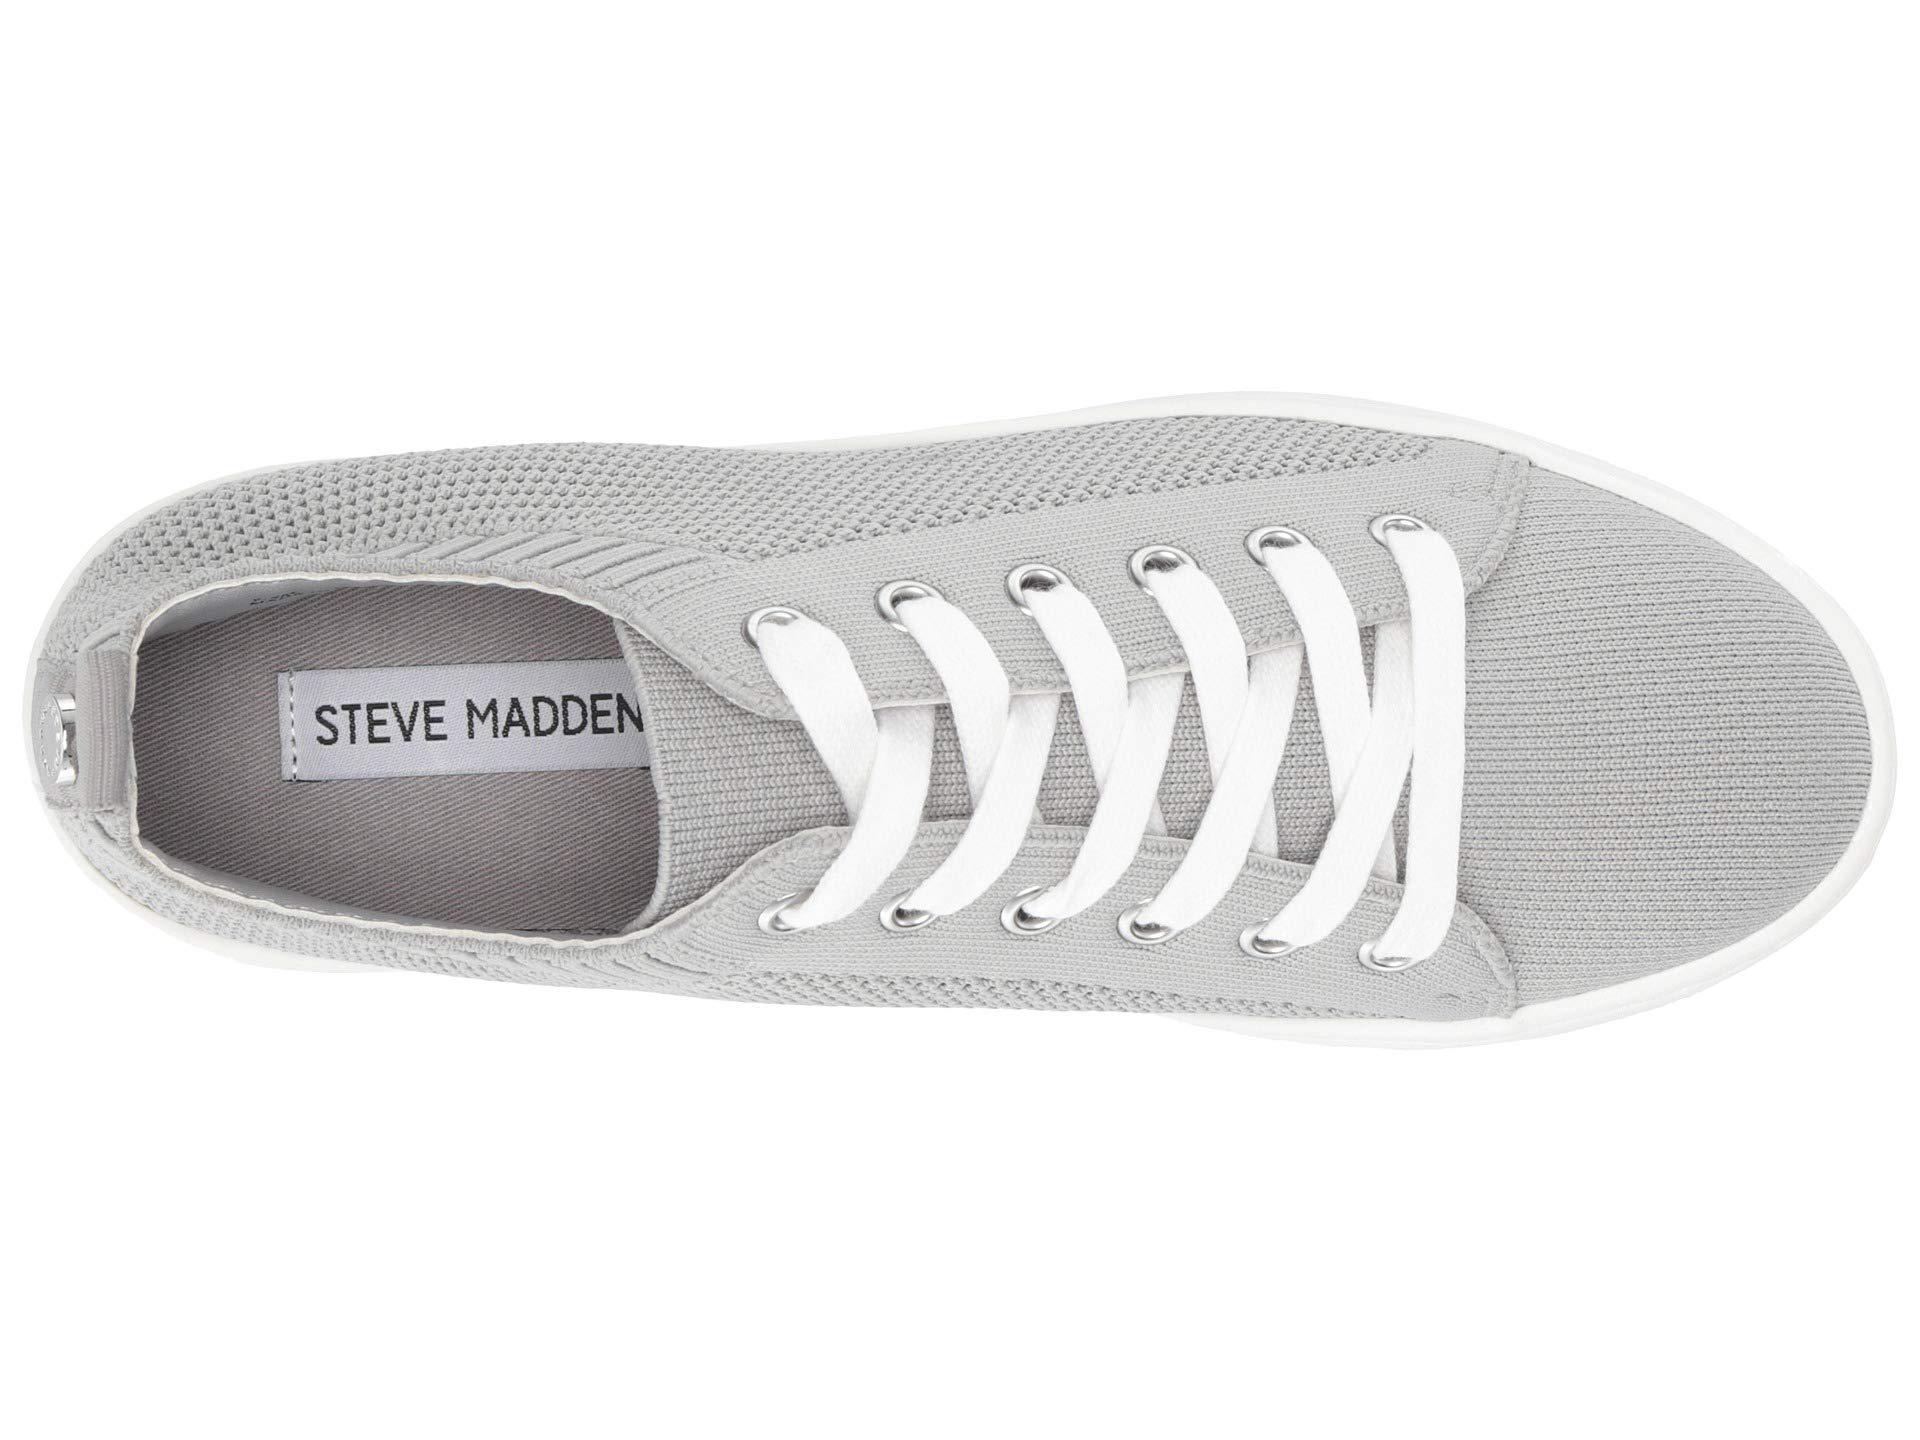 6b51b75e47f Steve Madden - Gray Bardo Sneaker - Lyst. View fullscreen